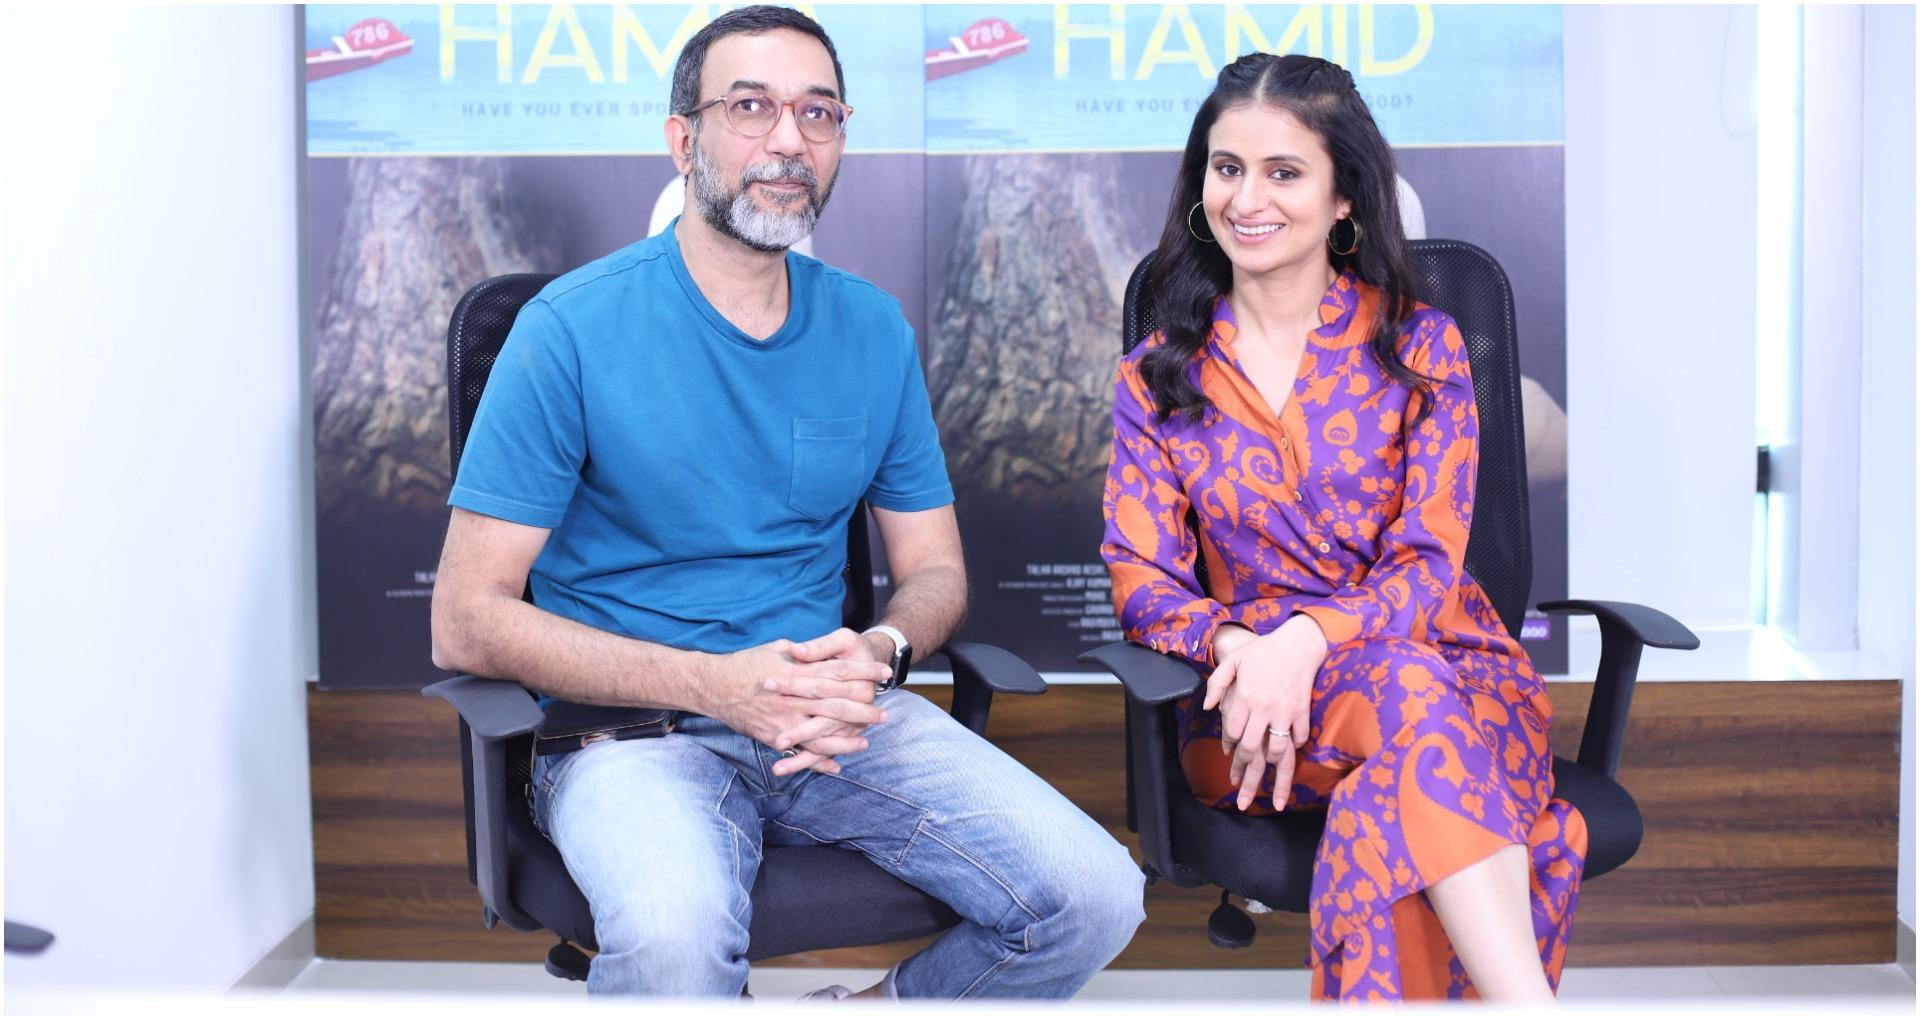 एक्सक्लूसिव इंटरव्यू: एजाज खान कोऐसे मिली हामिद की नींव, रसिका दुग्गल के लिए मुश्किल था फिल्म का चयन